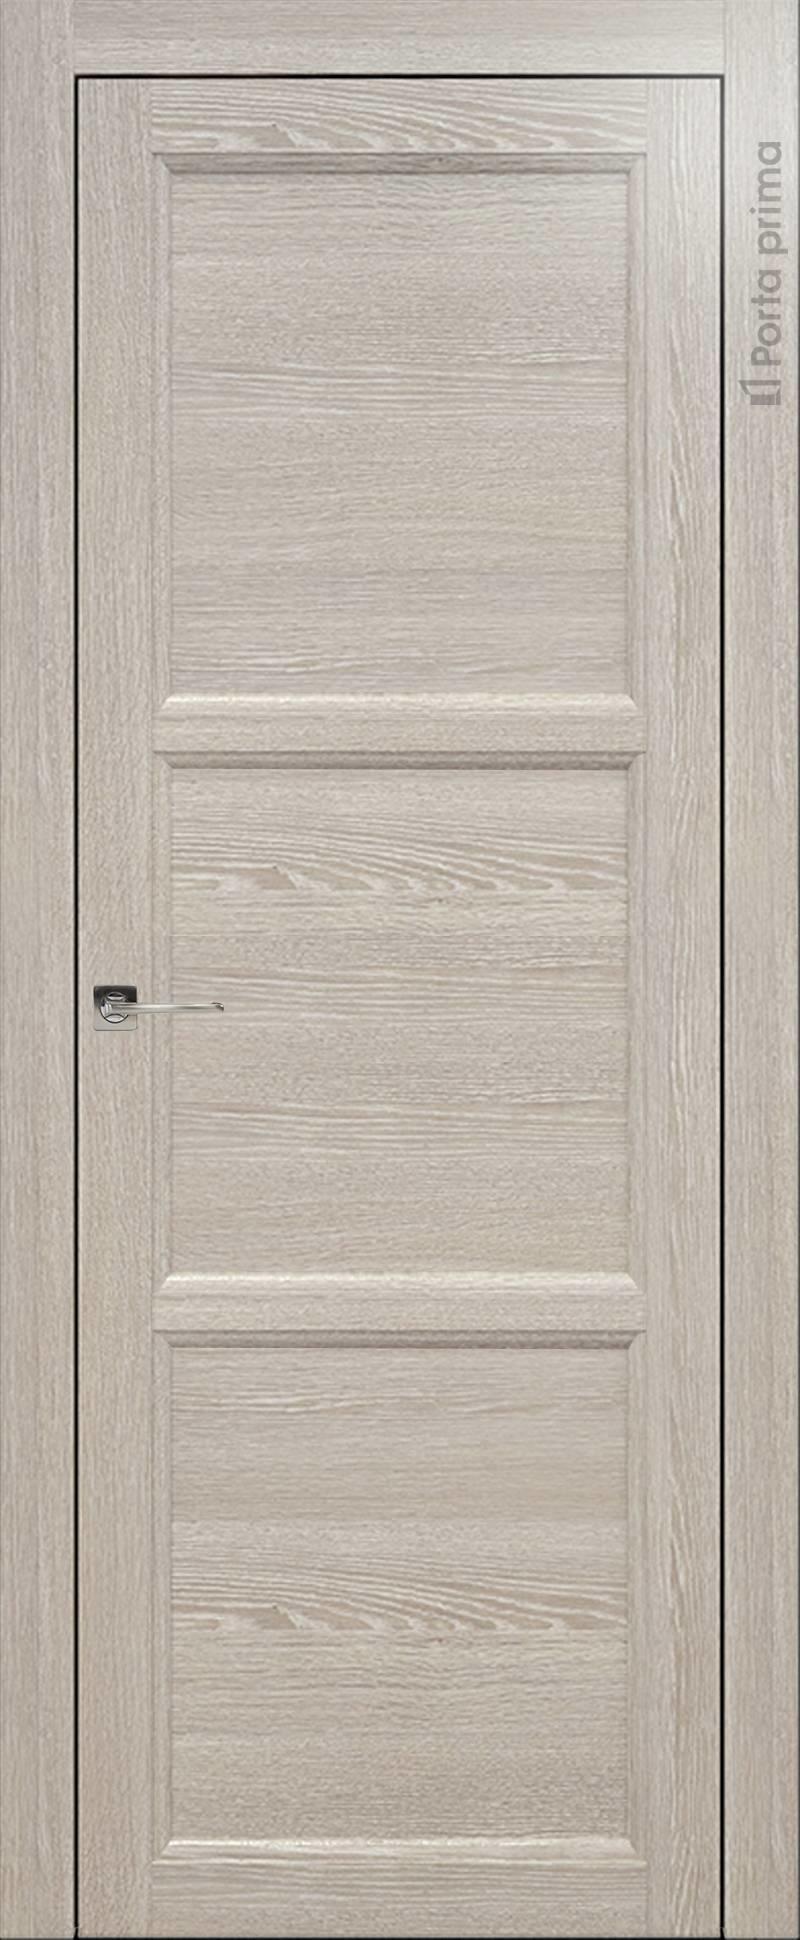 Sorrento-R А2 цвет - Серый дуб Без стекла (ДГ)